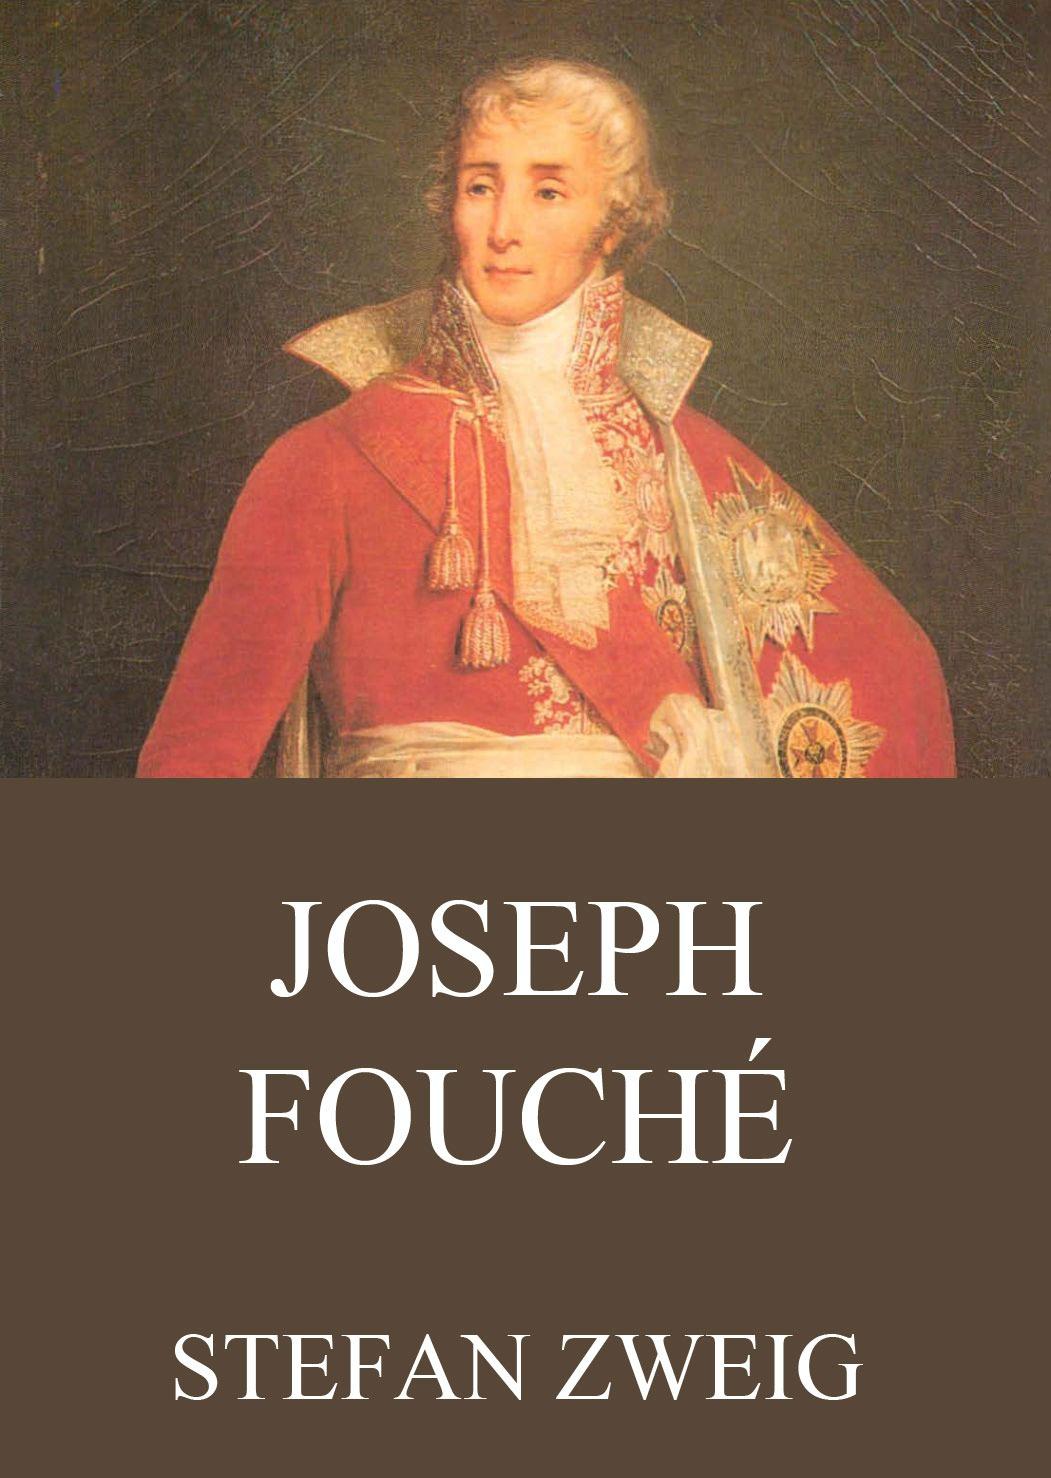 Stefan Zweig Joseph Fouché